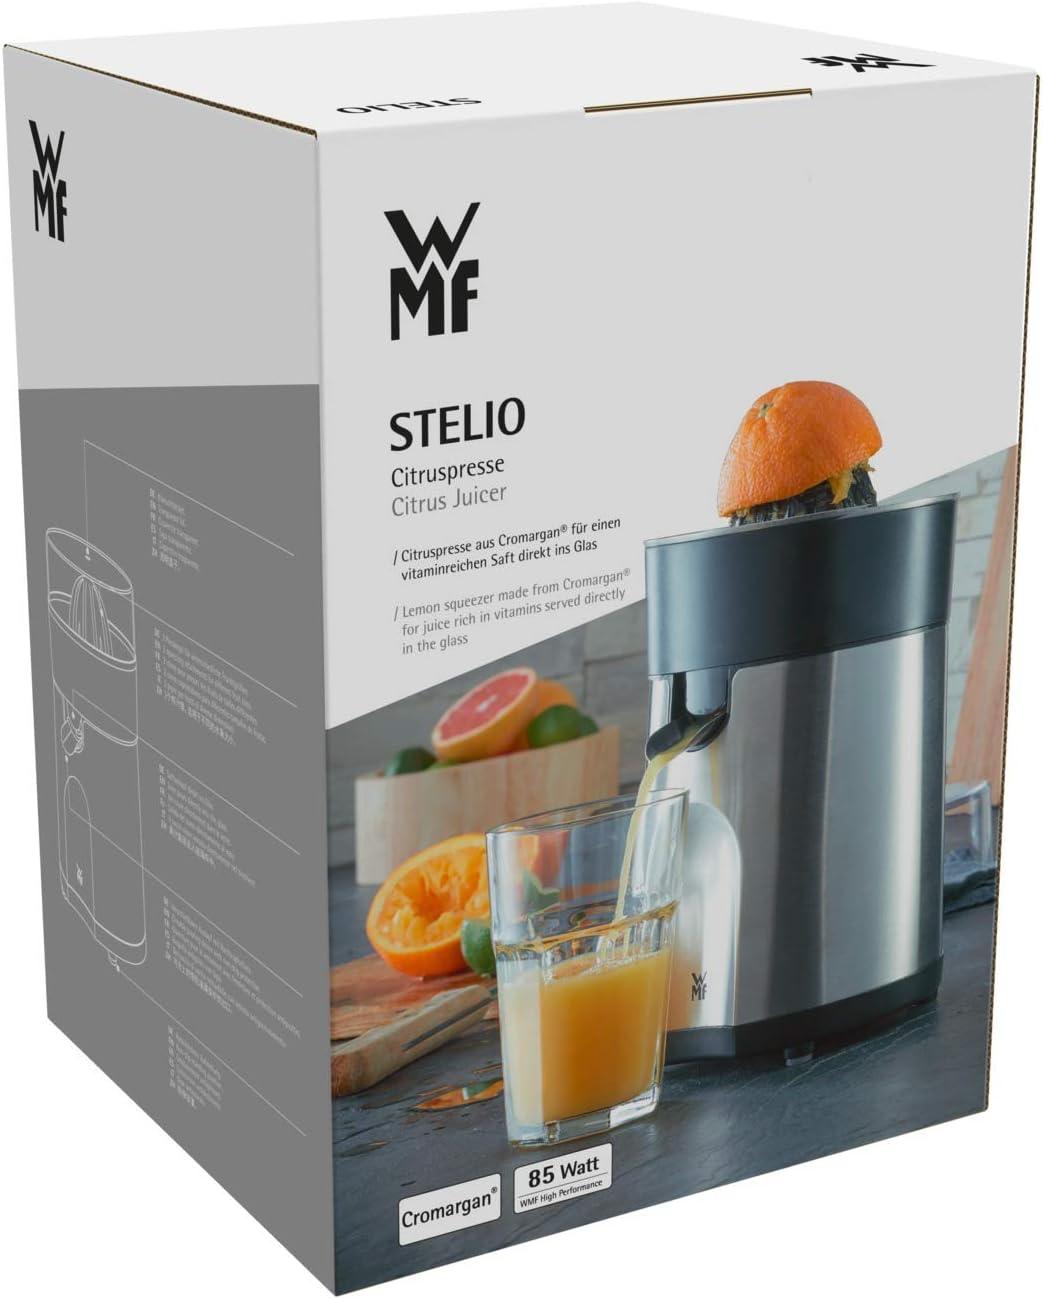 WMF STELIO Citruspresse elektrisch 85 W 2 Presskegel Saftauslauf direkt ins Glas